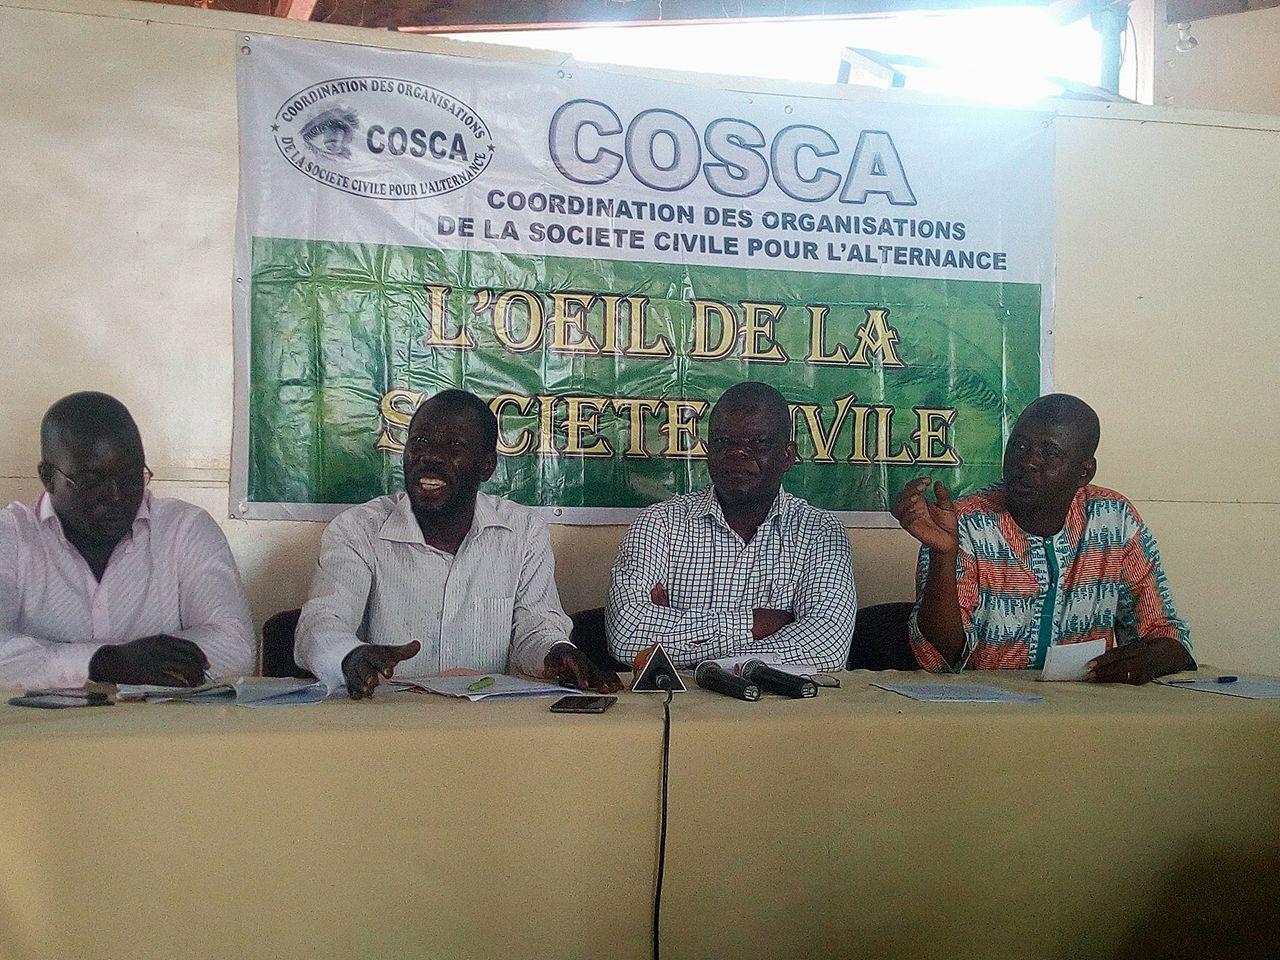 Attaques terroristes:  Pour la COSCA, les malheurs du Burkina sont causés par Compaoré et l'ancien régime